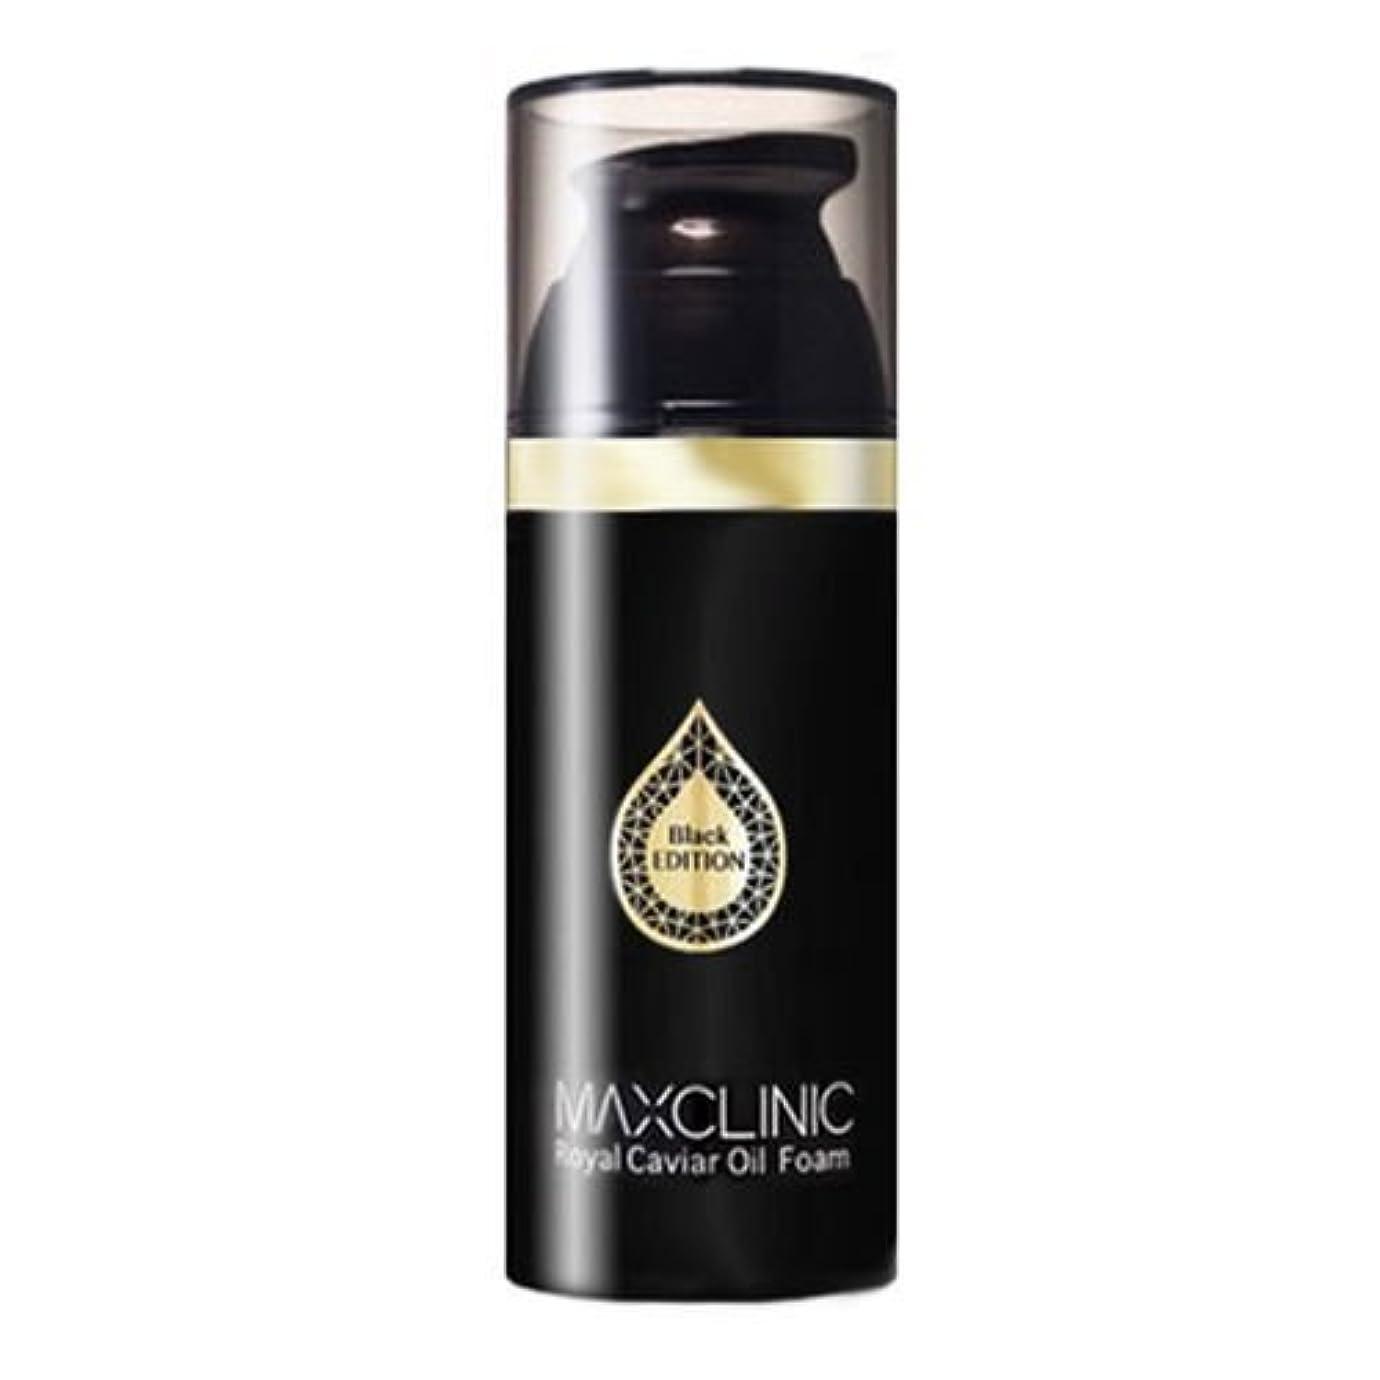 ラグポルノオールマックスクリニック[韓国コスメMaxclinic]Royal Caviar Oil Foam Black Edition ロイヤルキャビアオイルフォームブラックエディション110ml [並行輸入品]